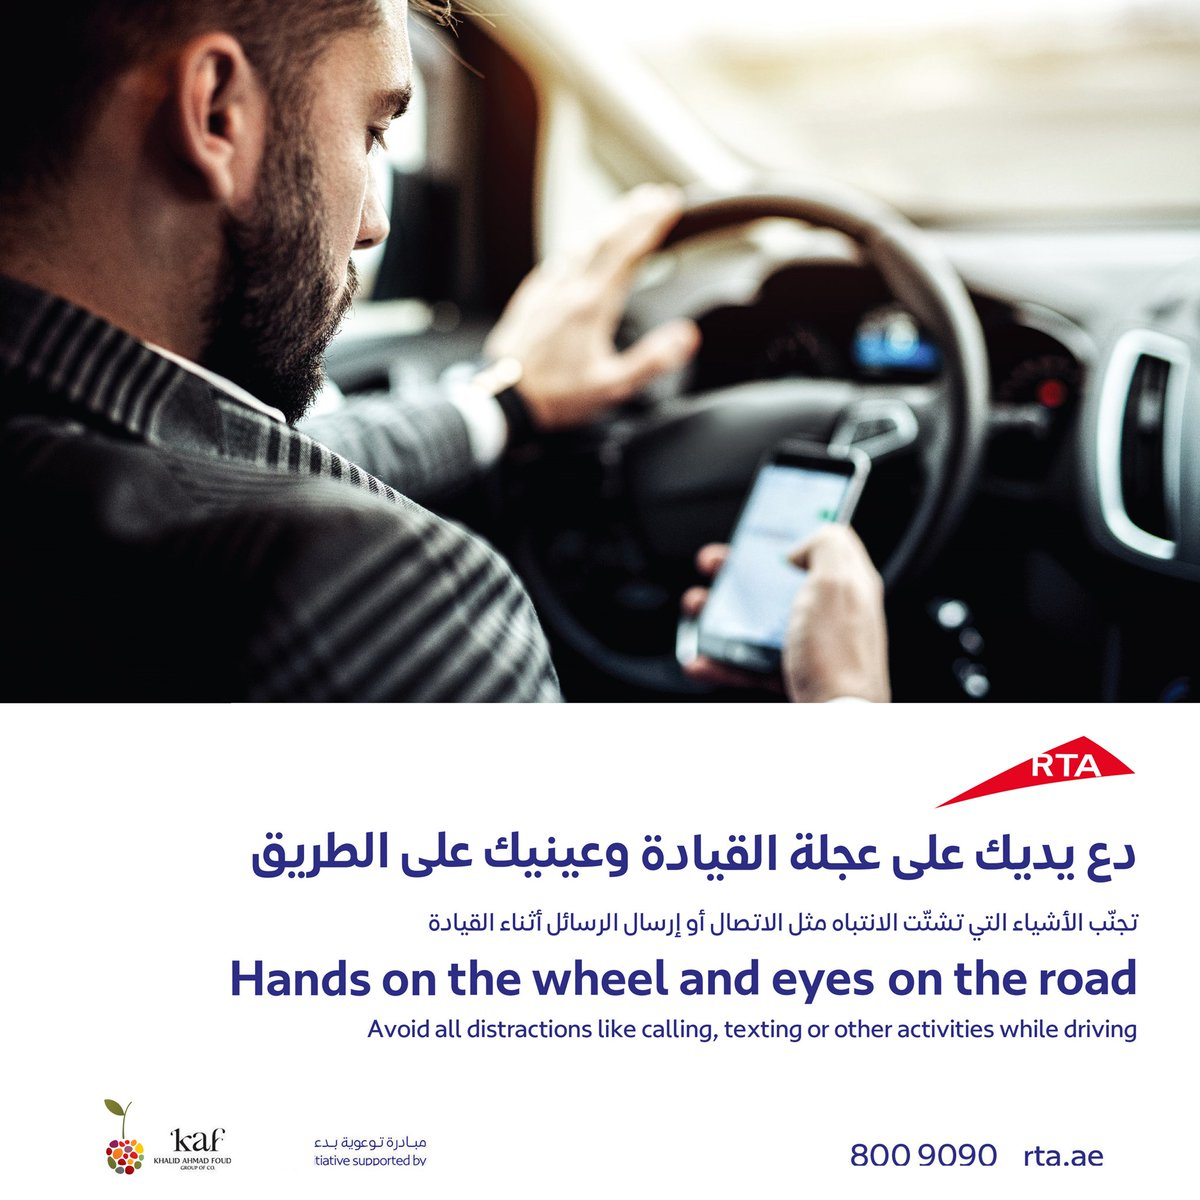 مبادرة توعوية من هيئة الطرق و المواصلات بدعم من مجموعة كاف  @rta_dubai Safety initiative supported by KAF Group #rta#rtadubai#roadtrip#safetyfirst#welovekaf#dxb https://t.co/SPVWt1dIcV